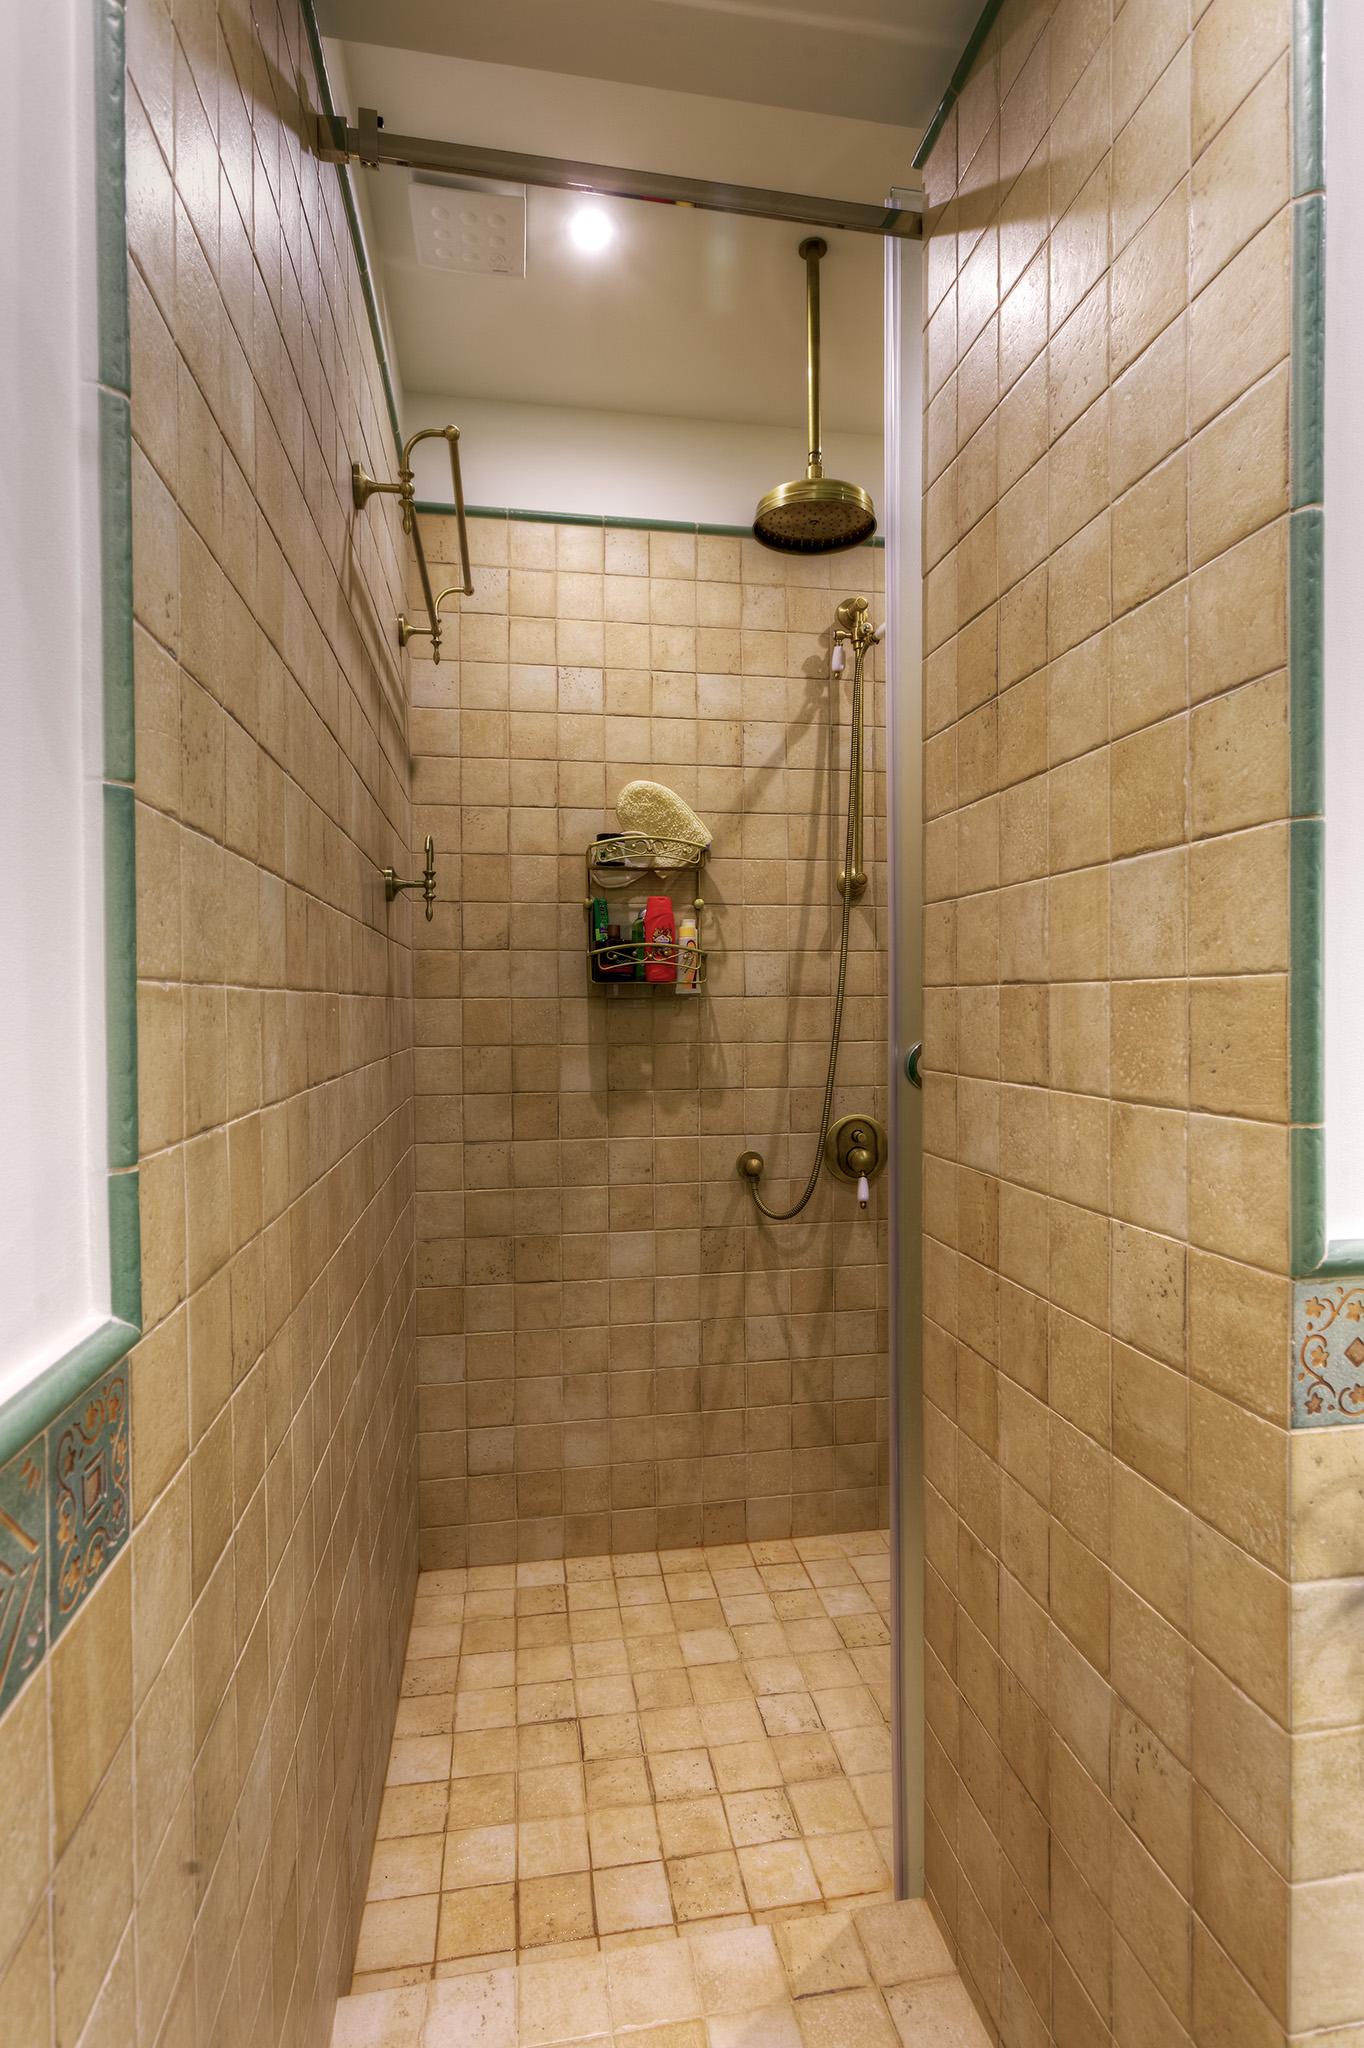 Душевая кабина была решена в виде отдельного смежного помещения со входом из туалета.